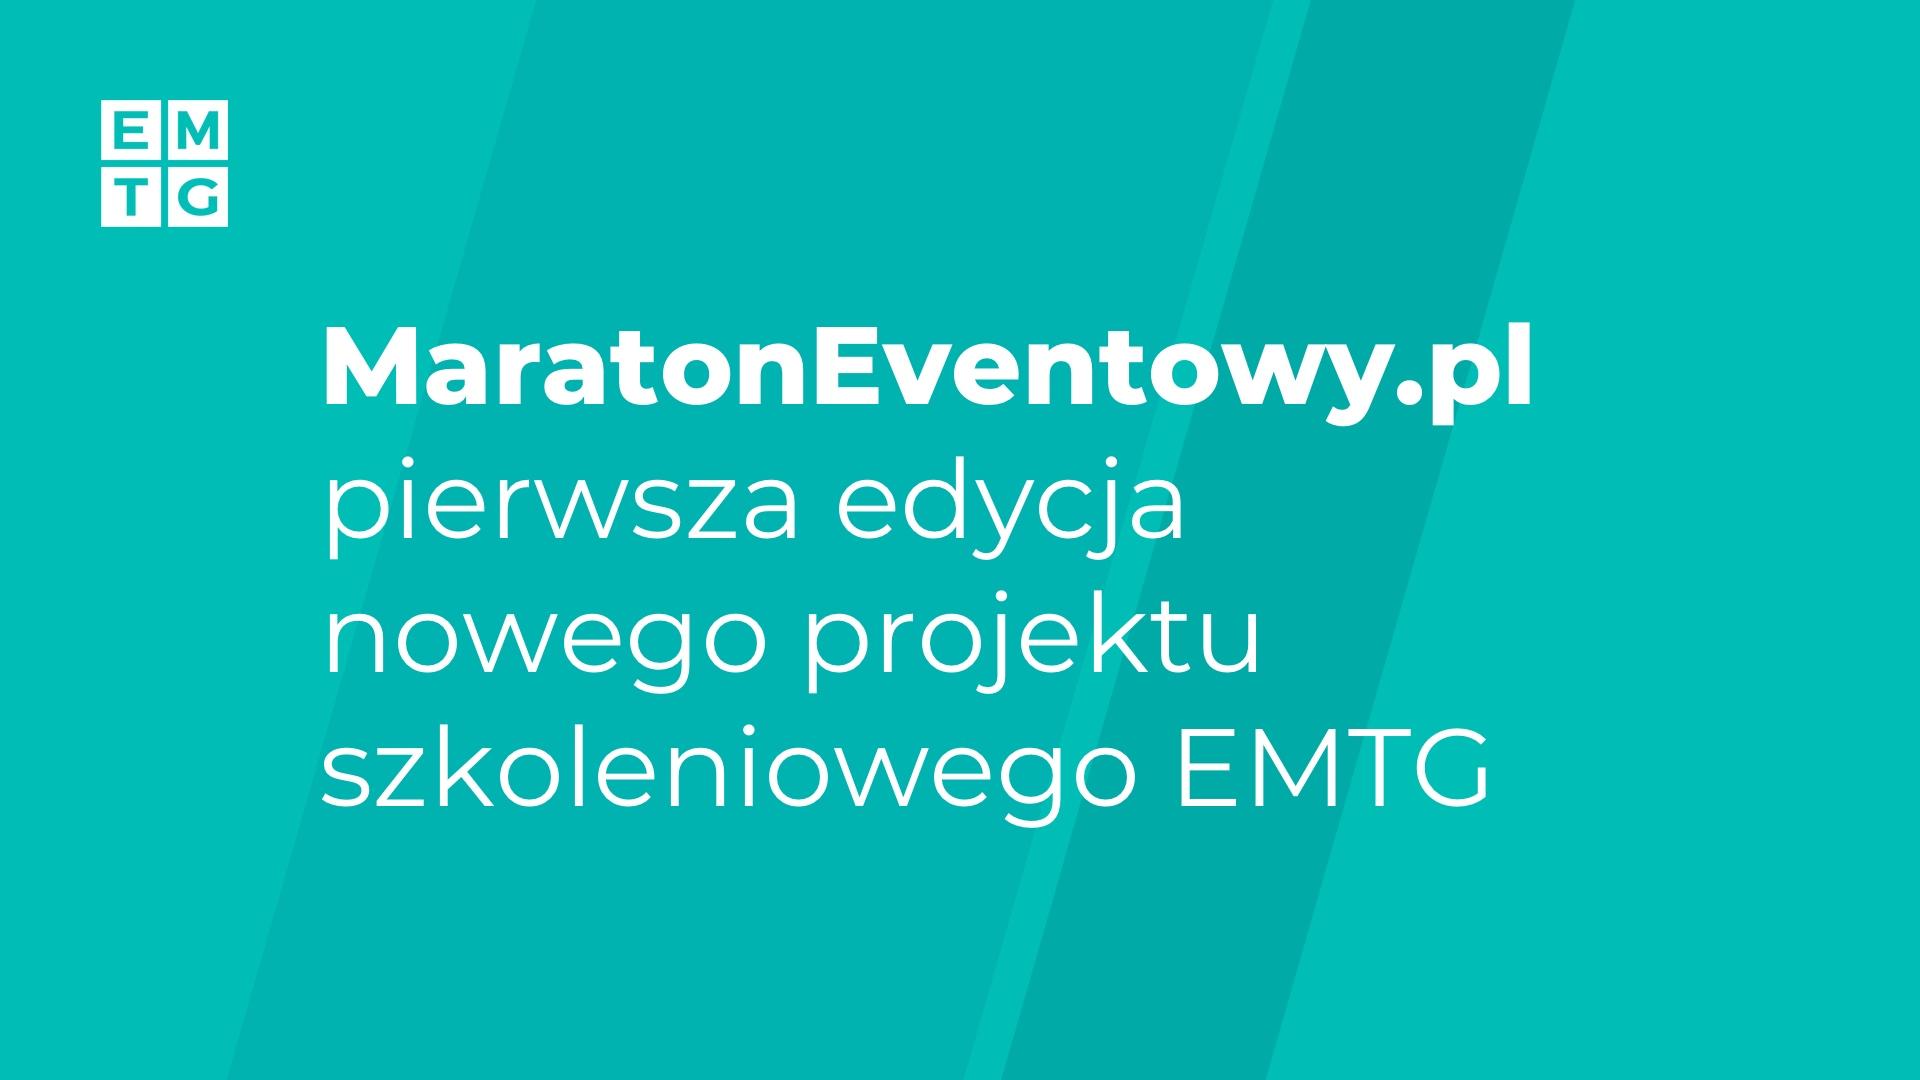 Nowy projekt szkoleniowy dla branży eventowej, turystycznej, hotelarskiej i marketingowej Maraton Eventowy EMTG